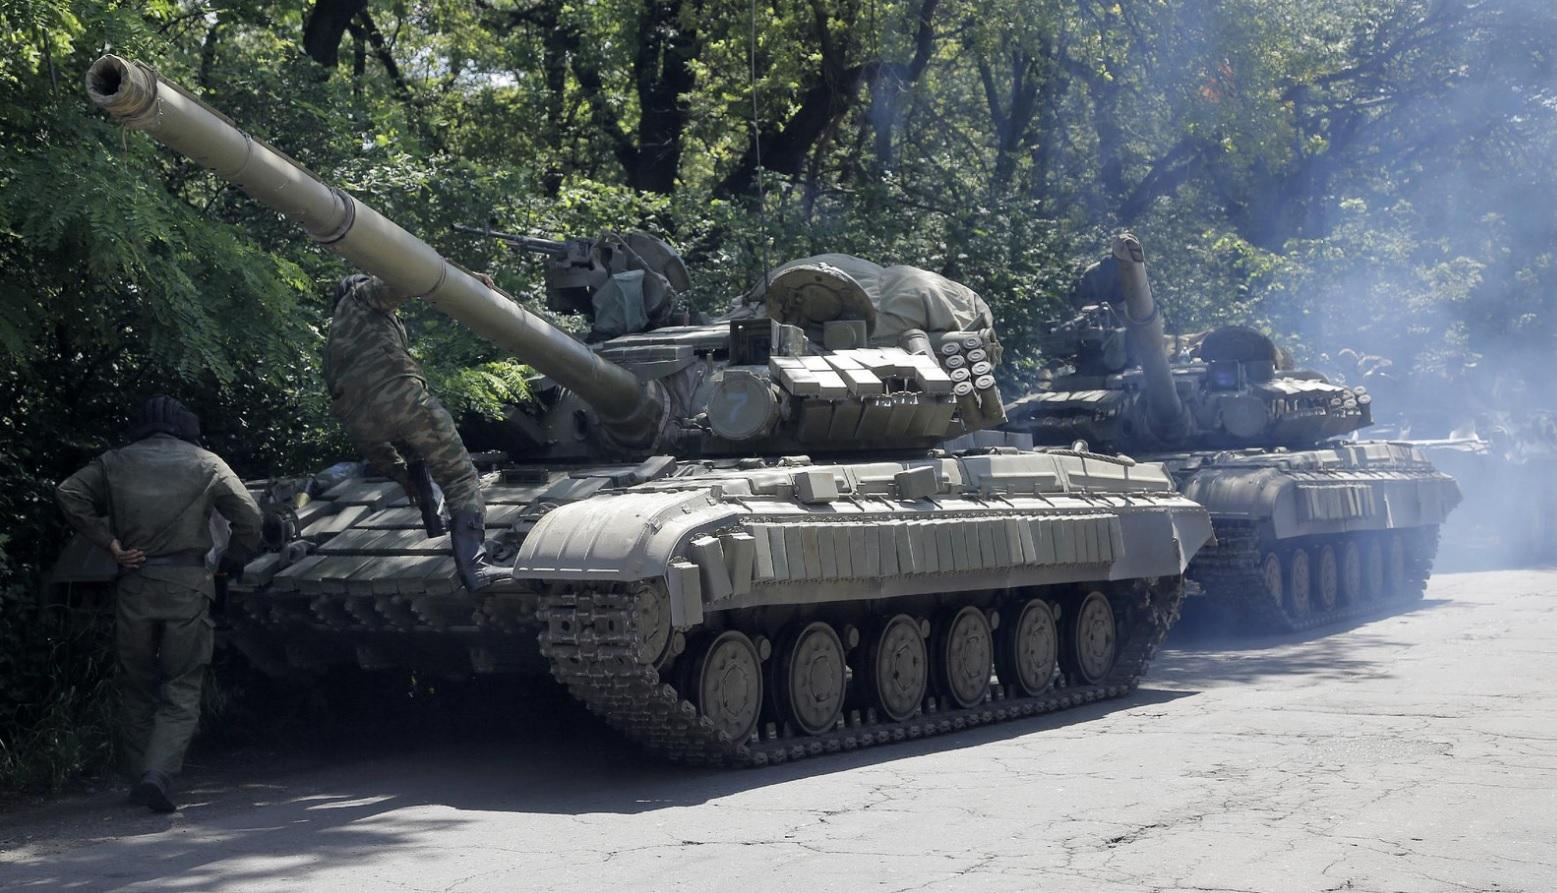 В воинской части Дагестана загорелся танк – видео